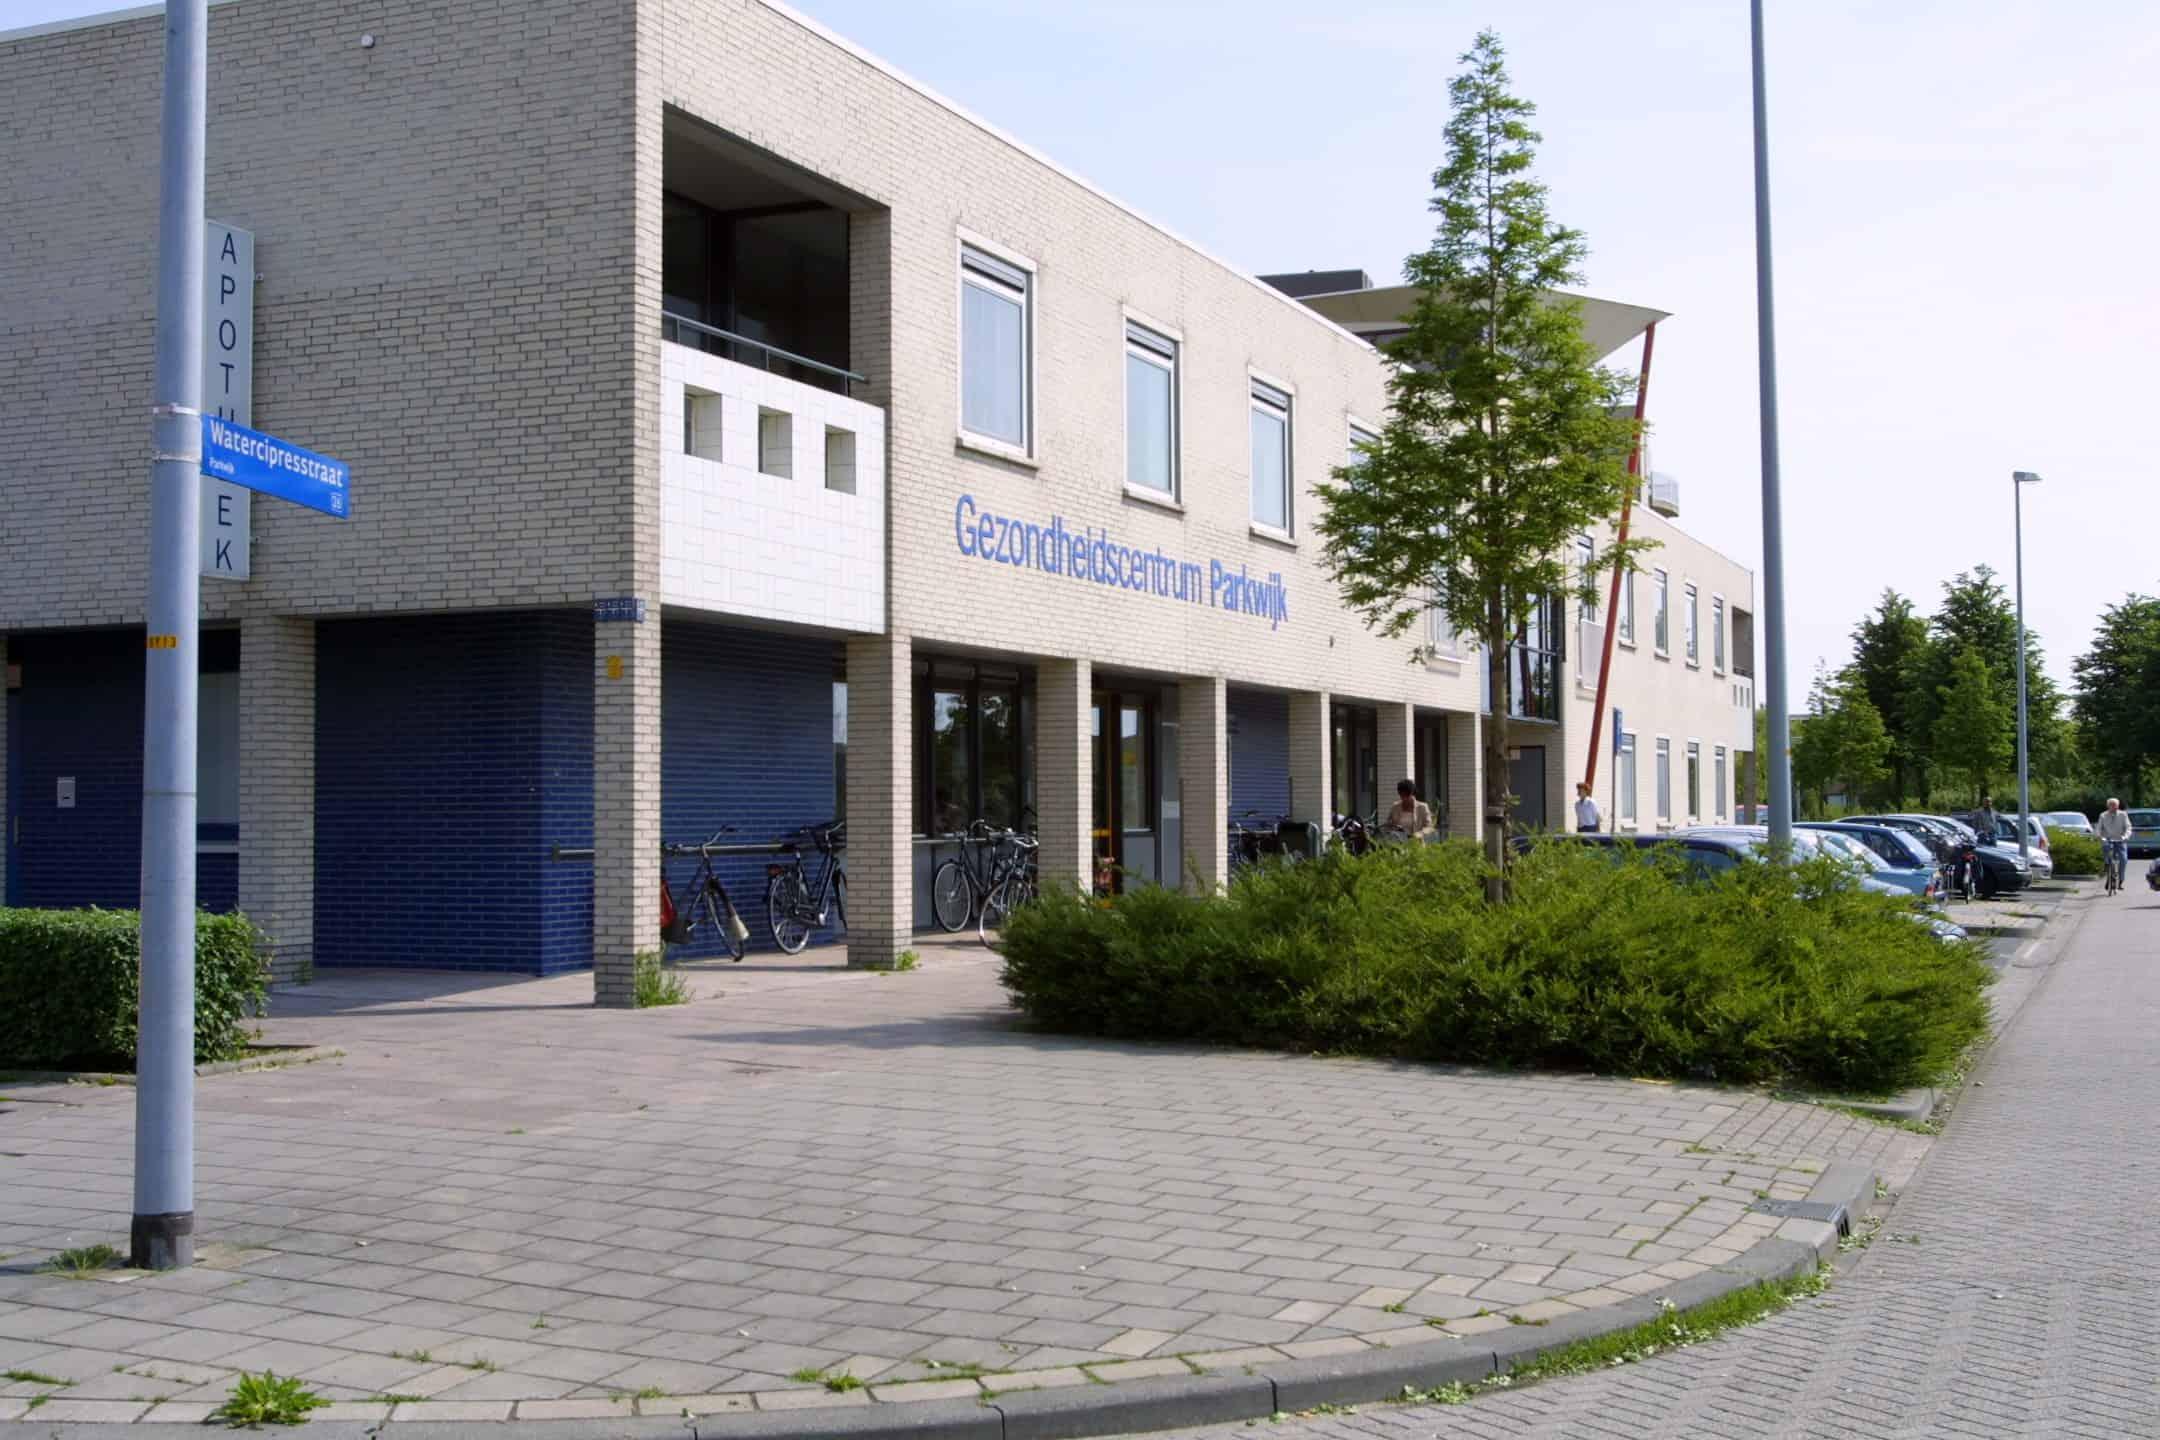 Pand Gezondheidscentrum Parkwijk